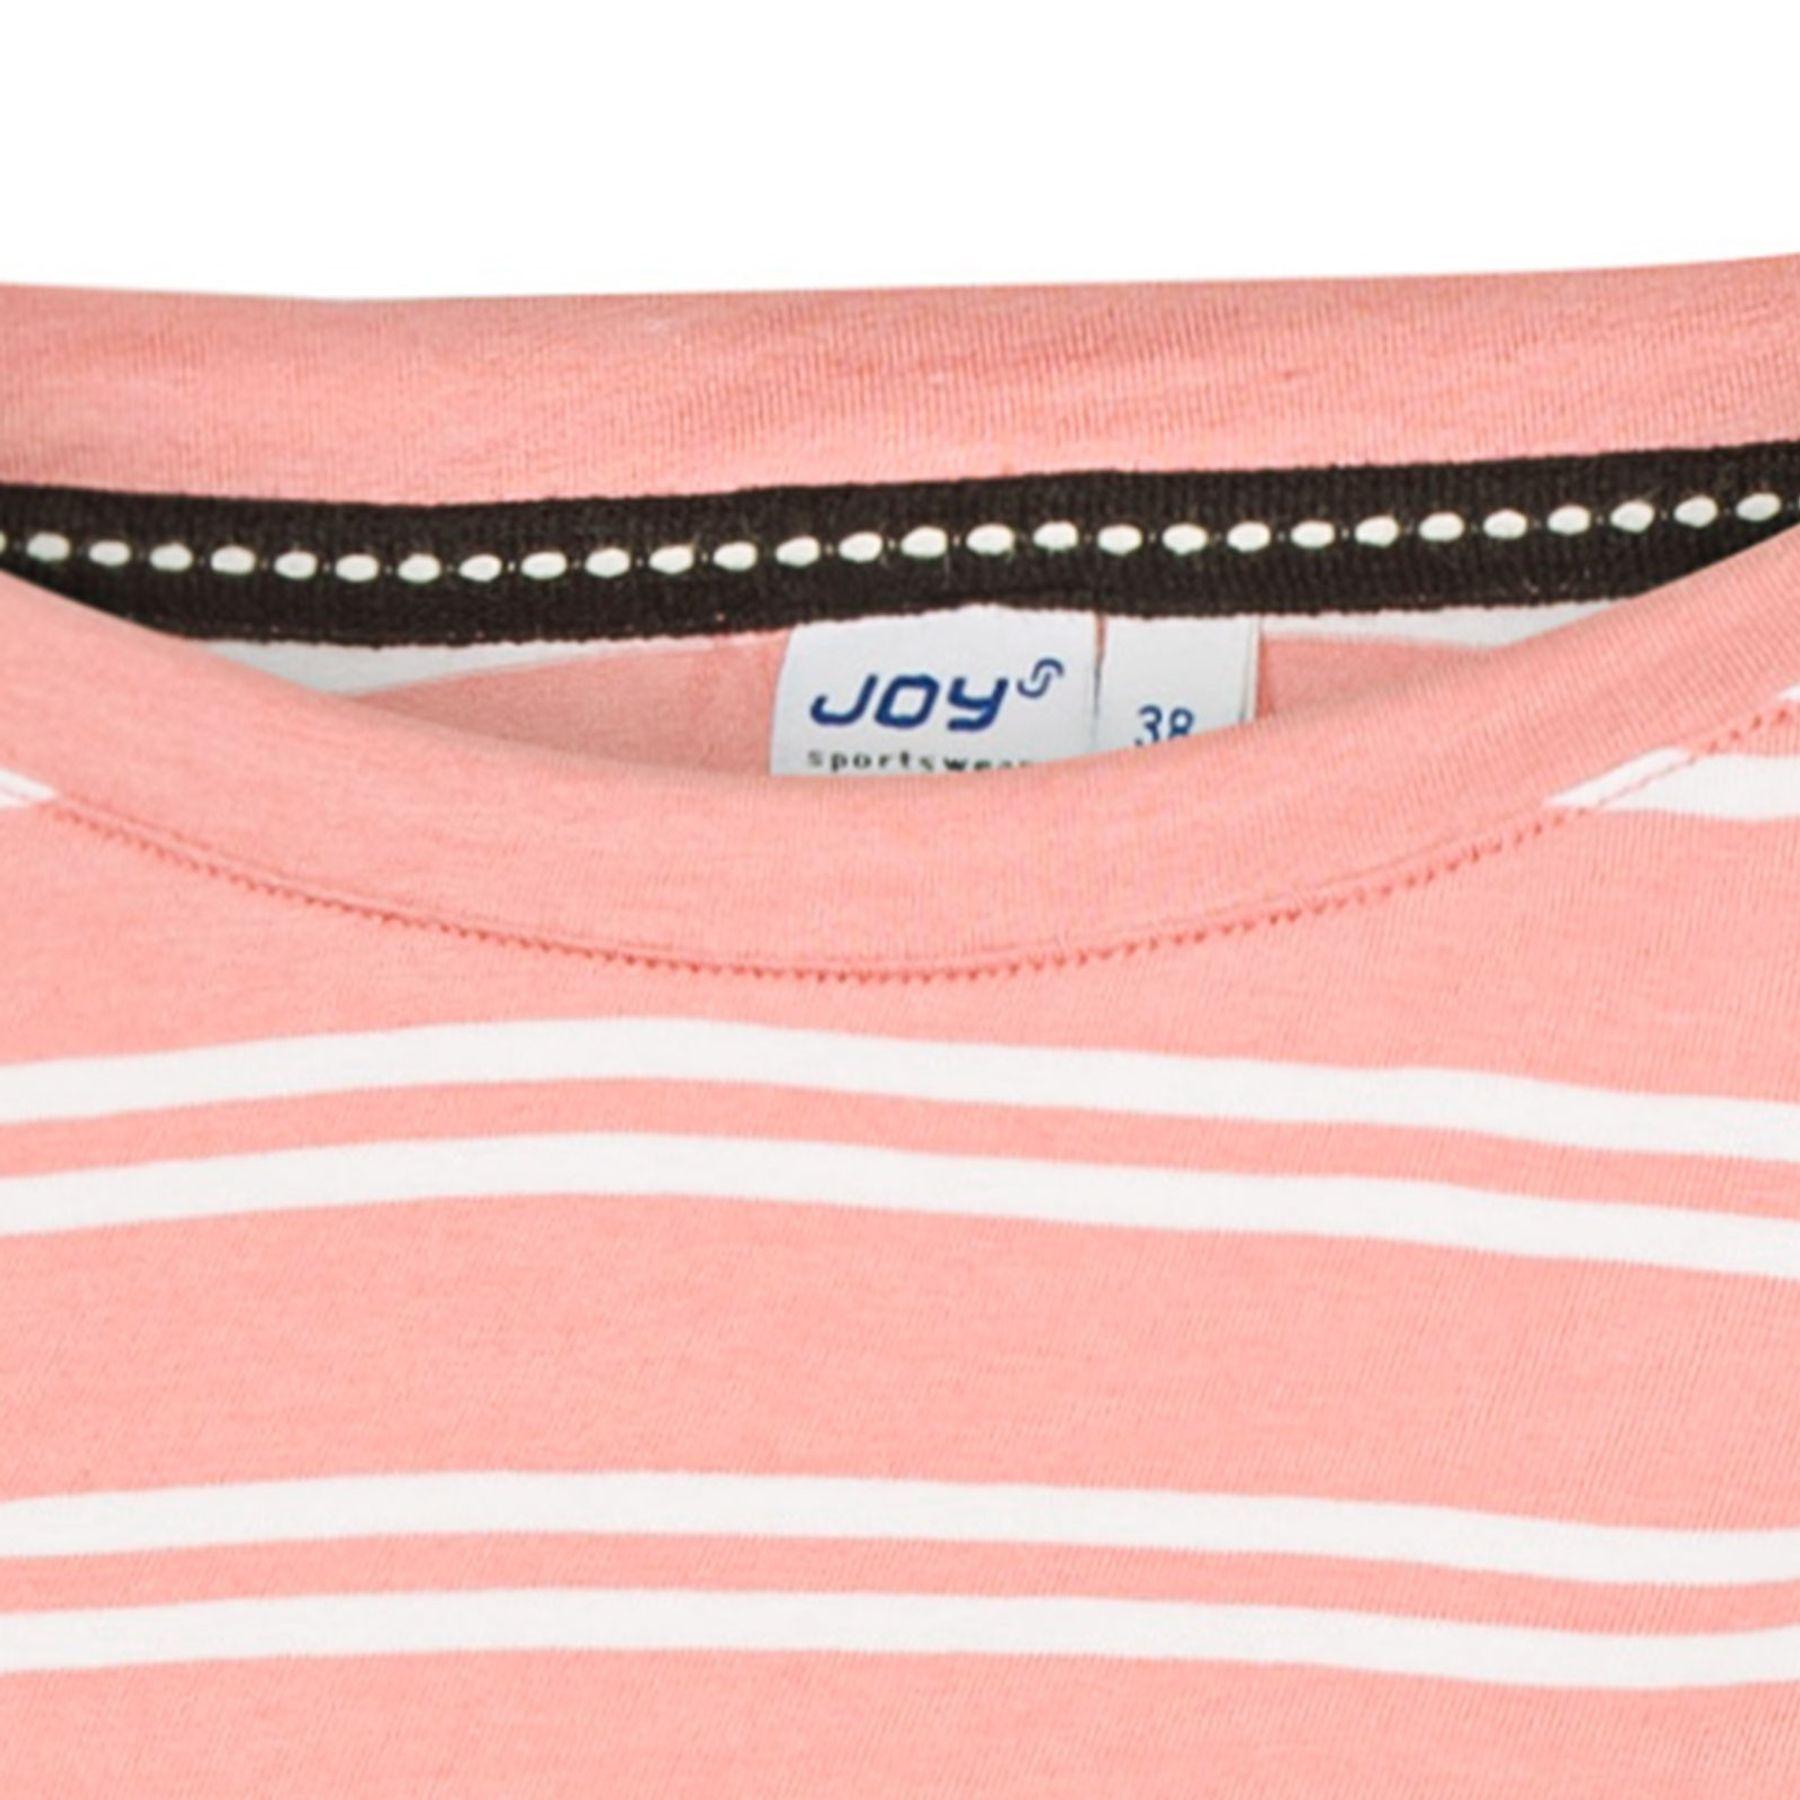 Joy - Damen Sport und Freizeit Shirt mit Streifenmuster, Carolin (30209) – Bild 11